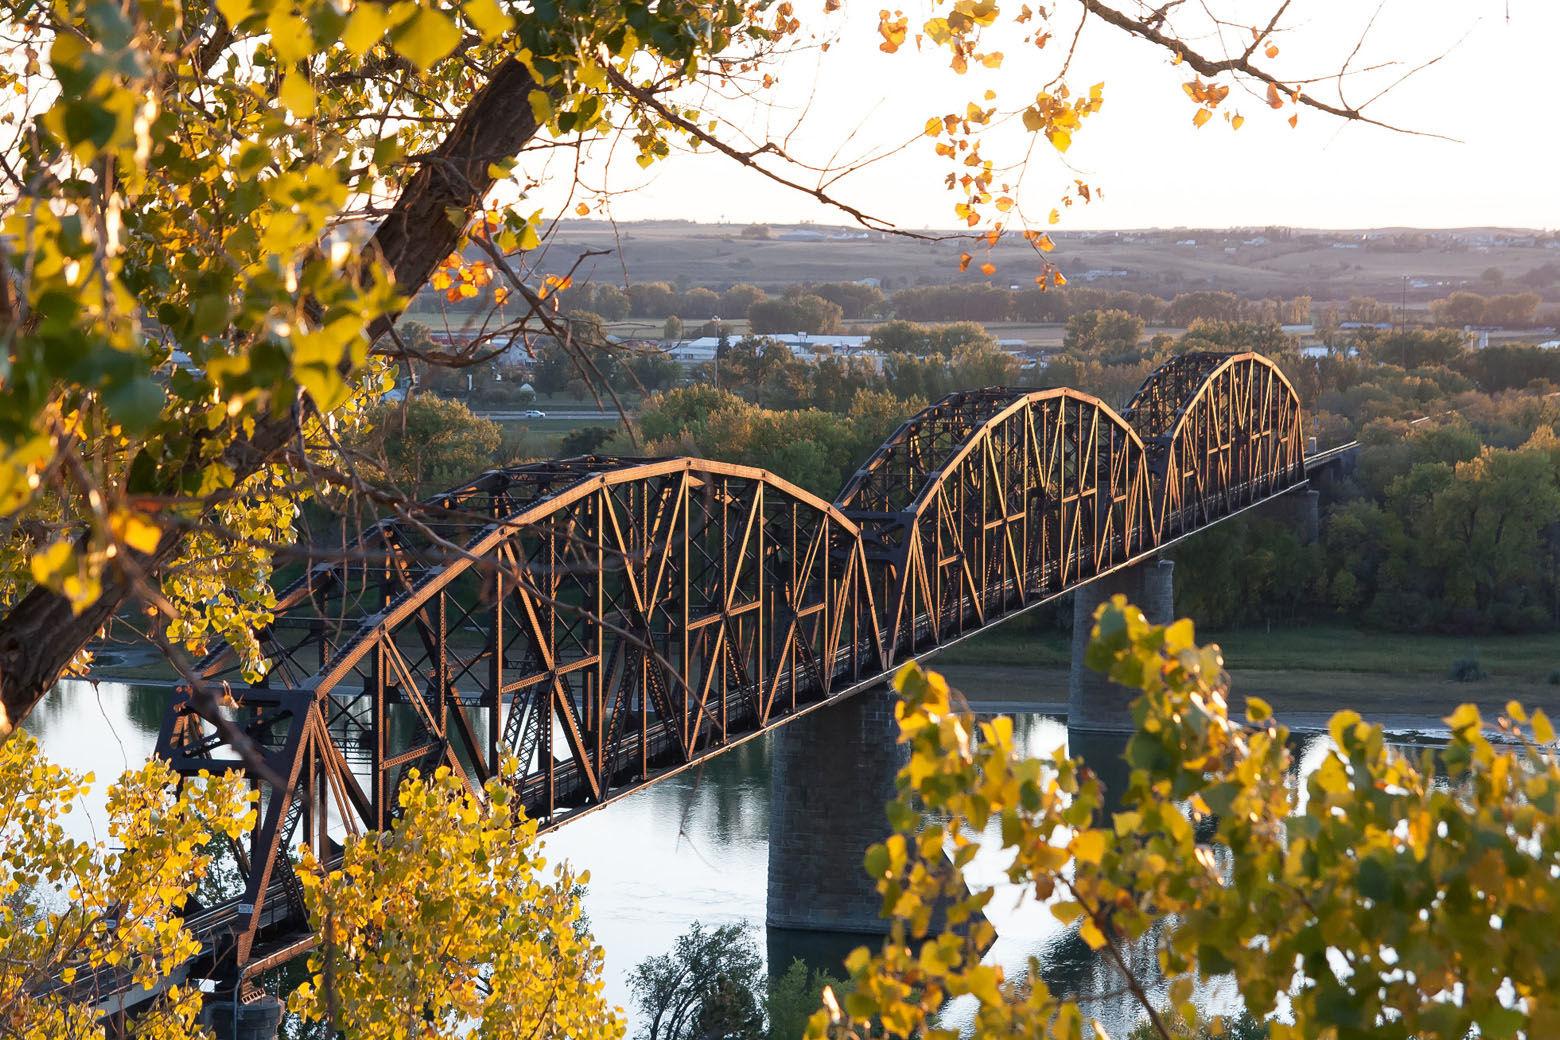 Bismarck-Mandan Bridge (Courtesy Mike Renner/National Trust for Historic Preservation)